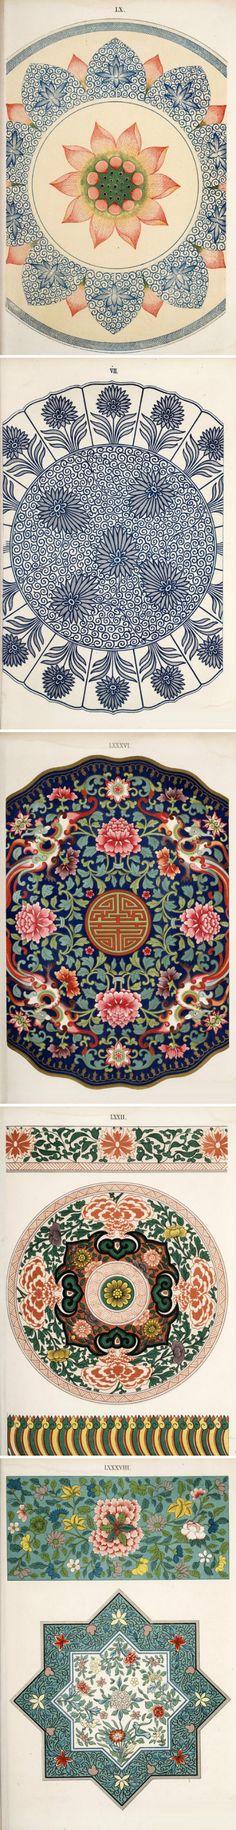 Patrones clásicos chinos tradicionales .. Todos